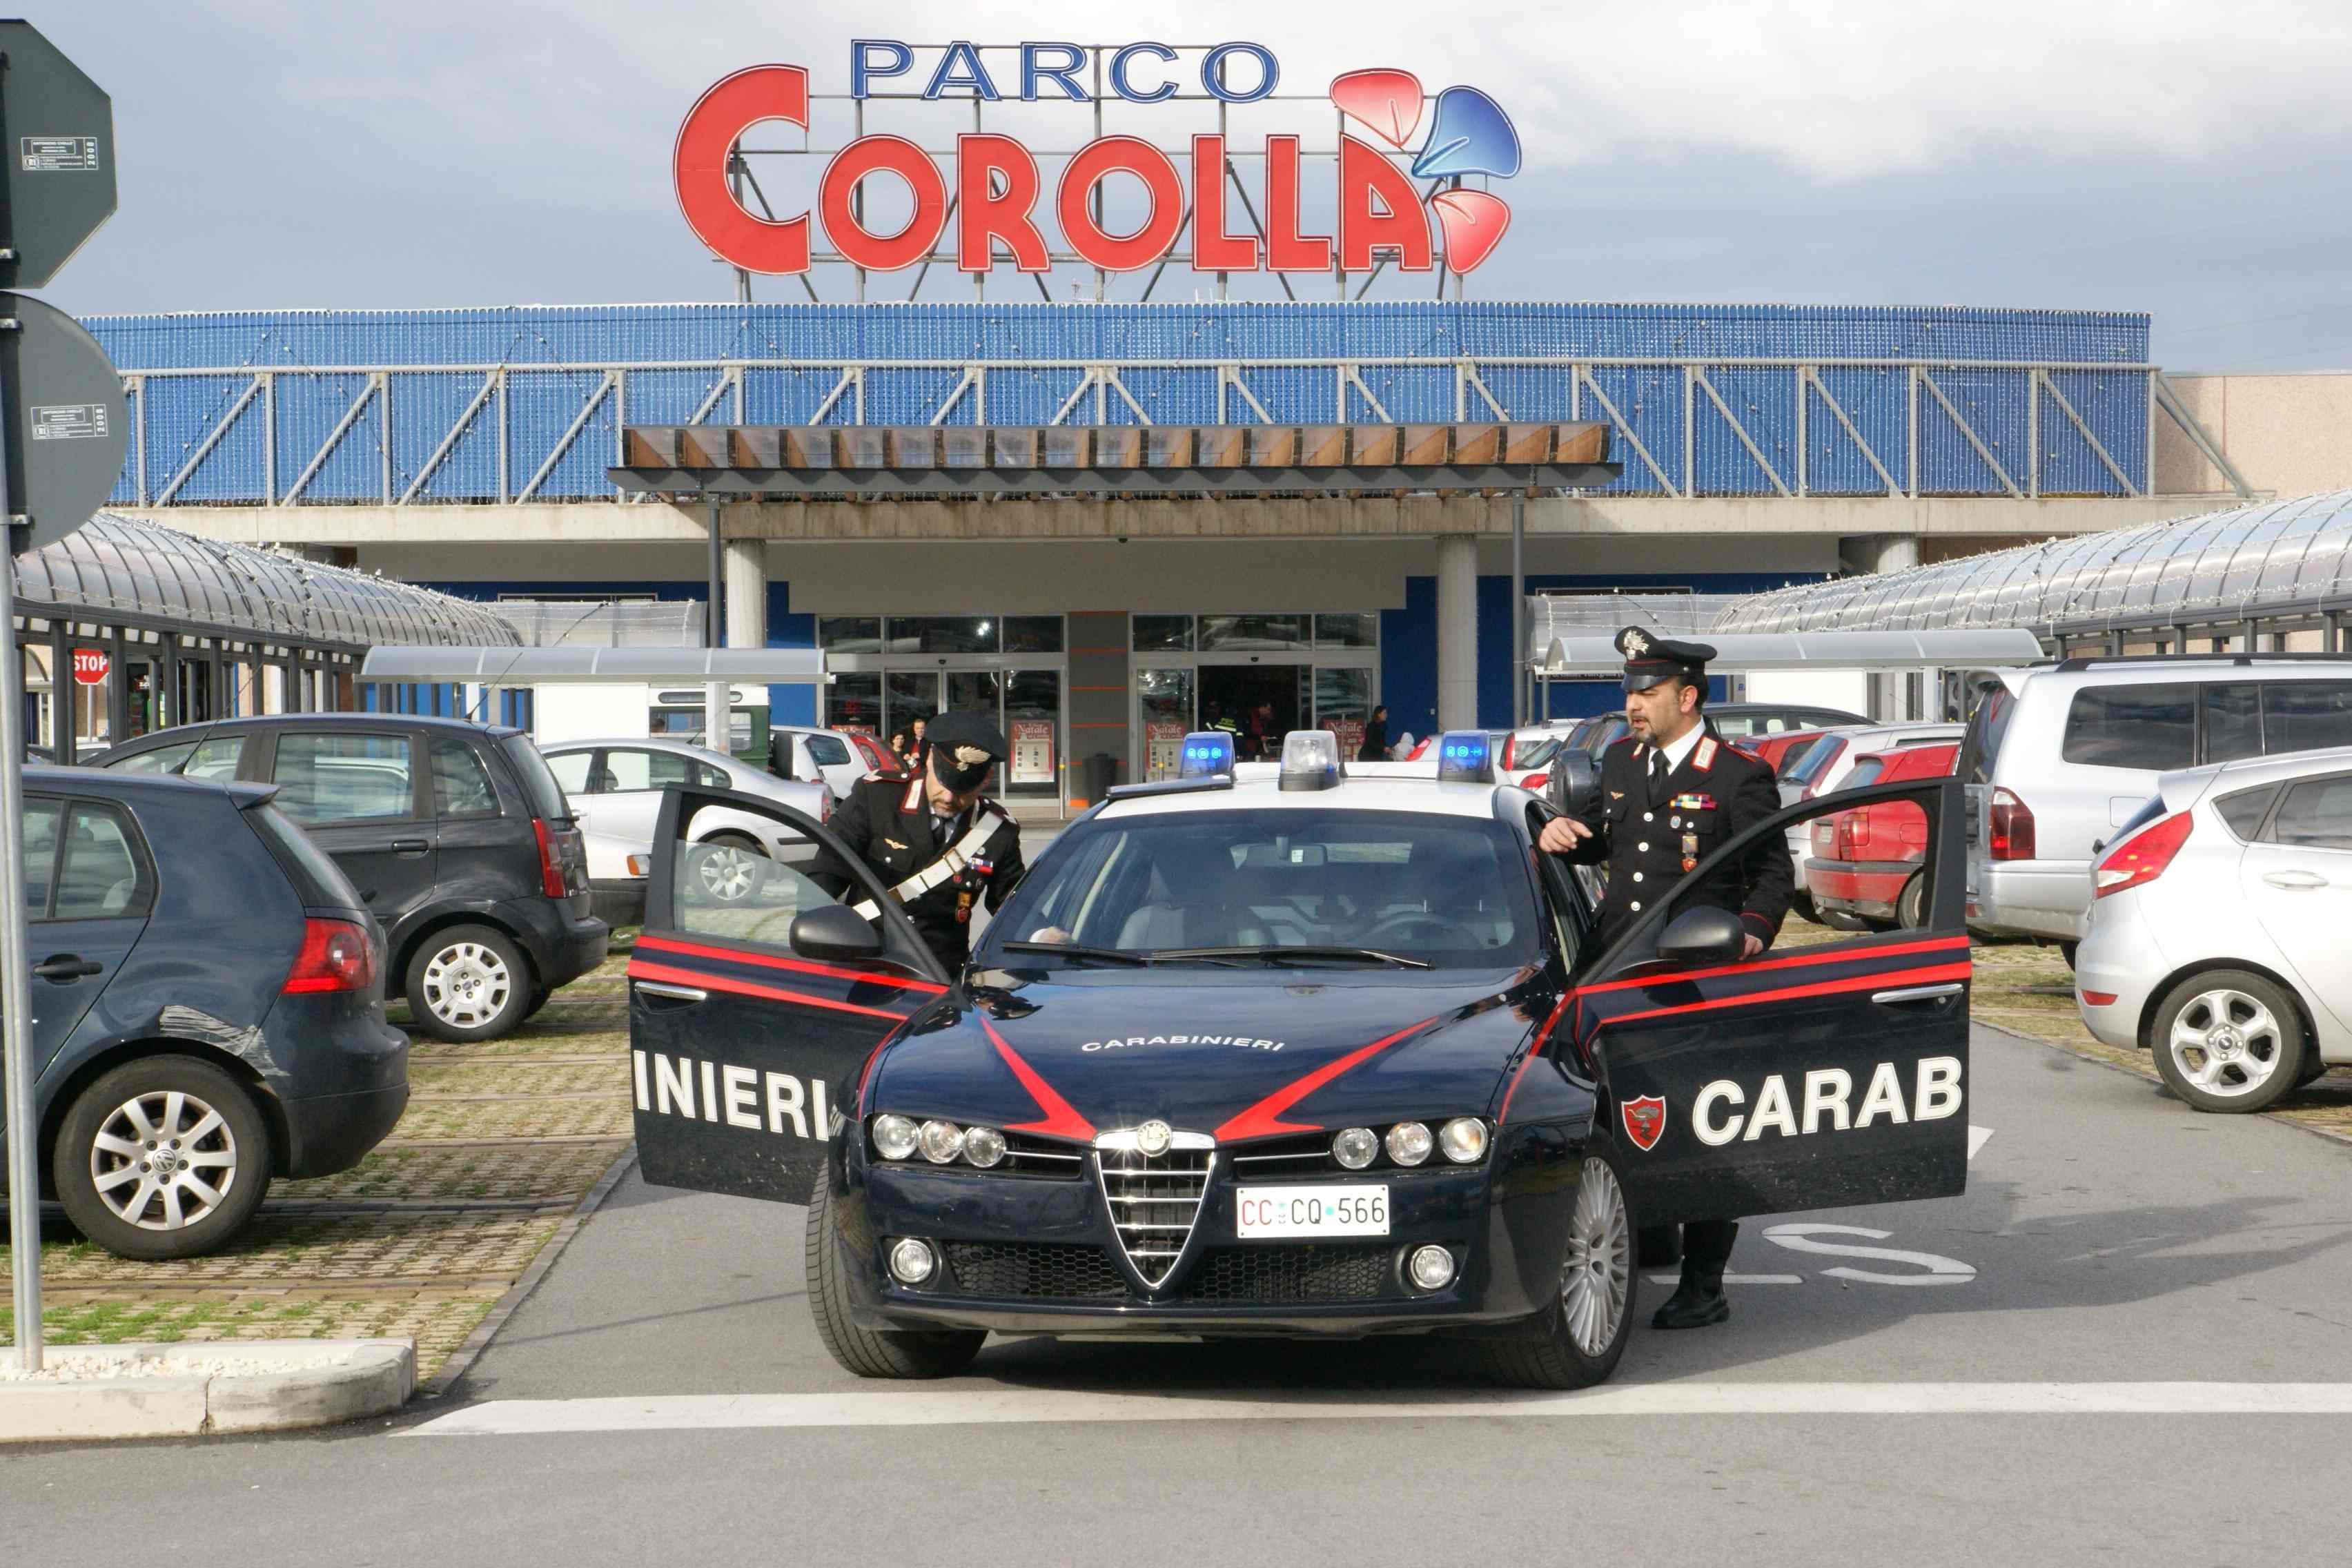 Rubano al Parco Corolla, due denunciati a Milazzo